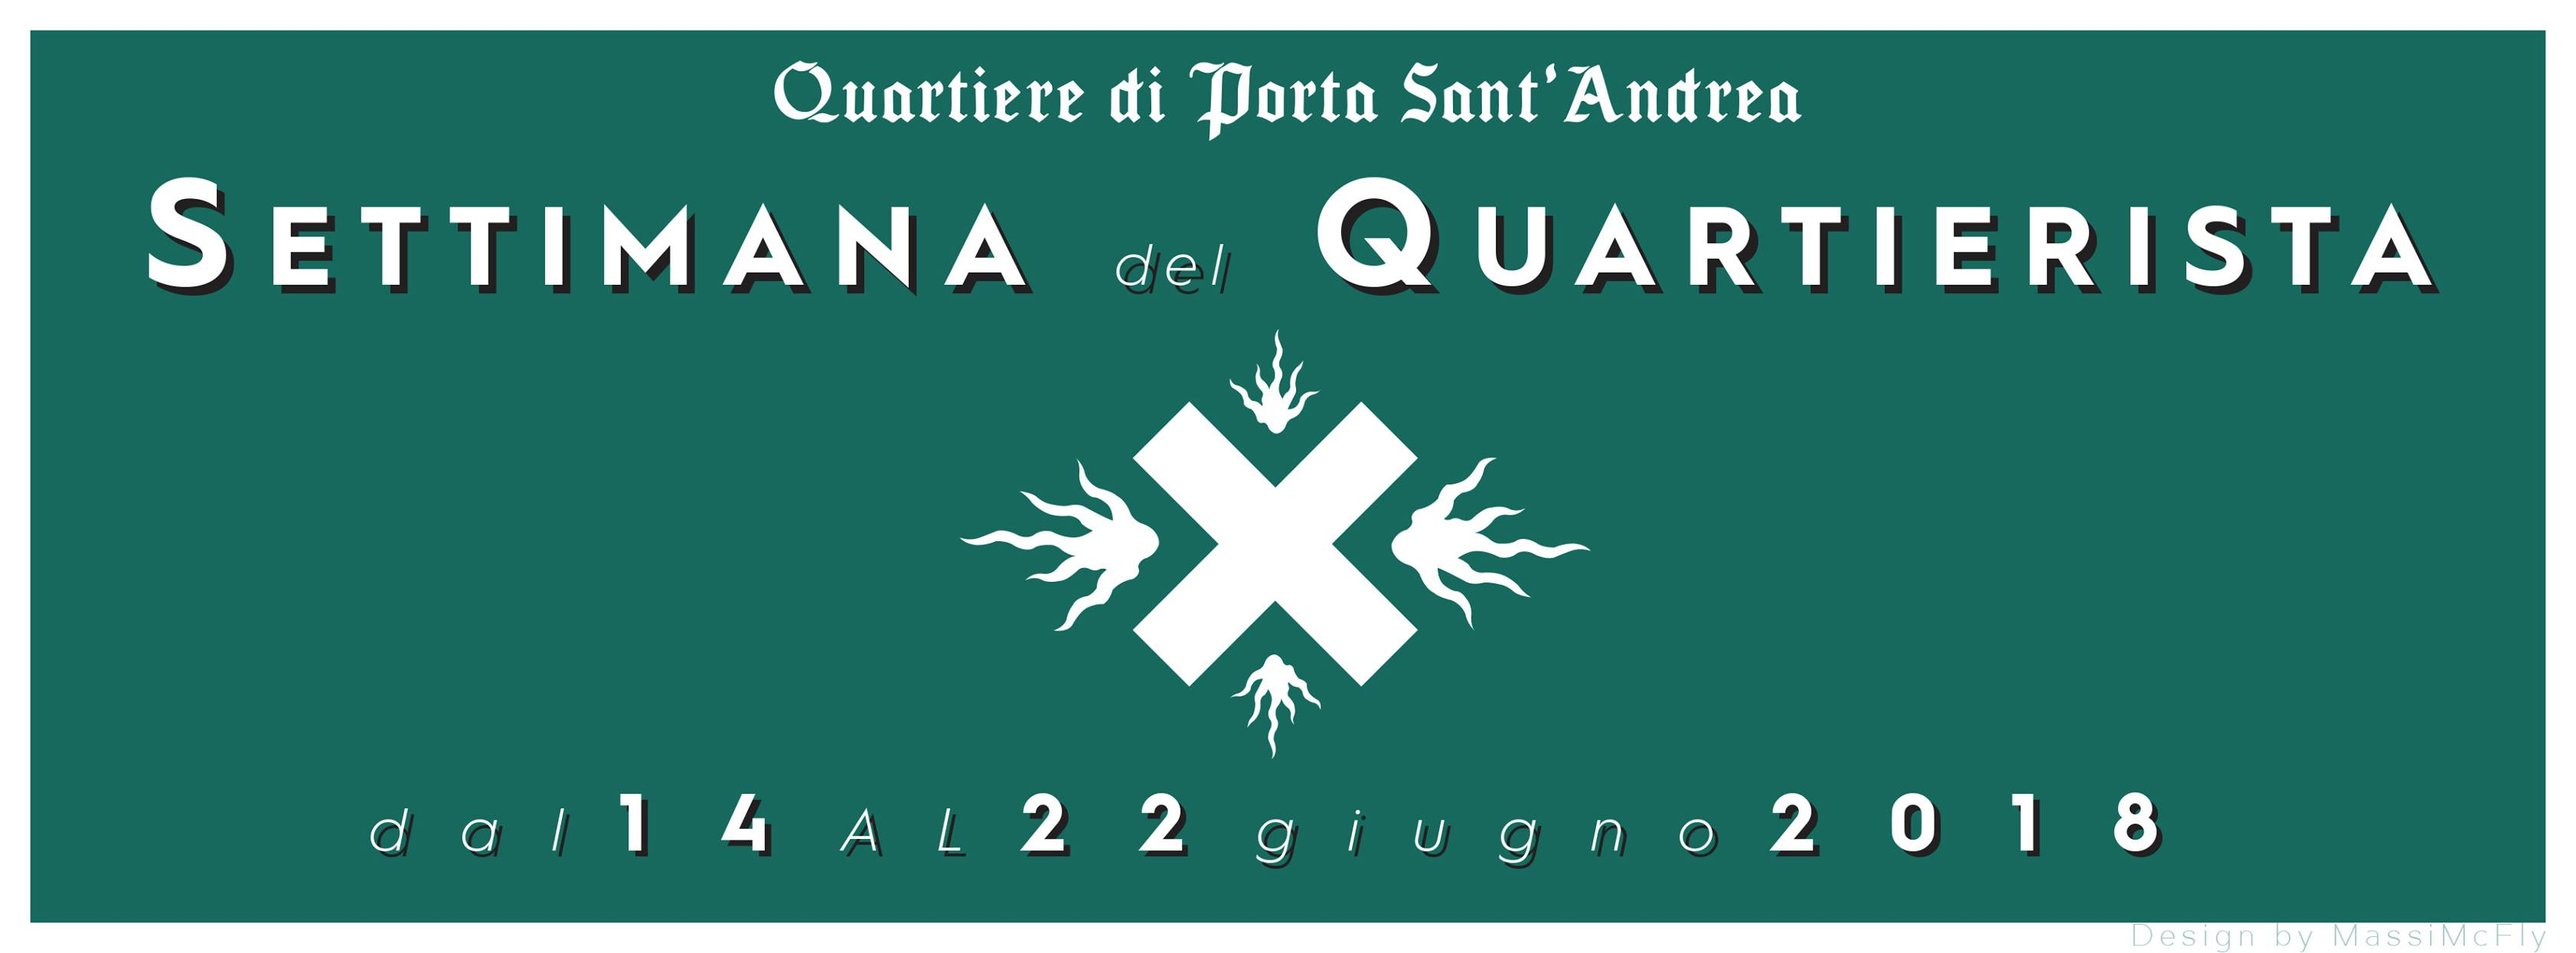 """Sant'Andrea: la """"Settimana del Quartierista"""""""